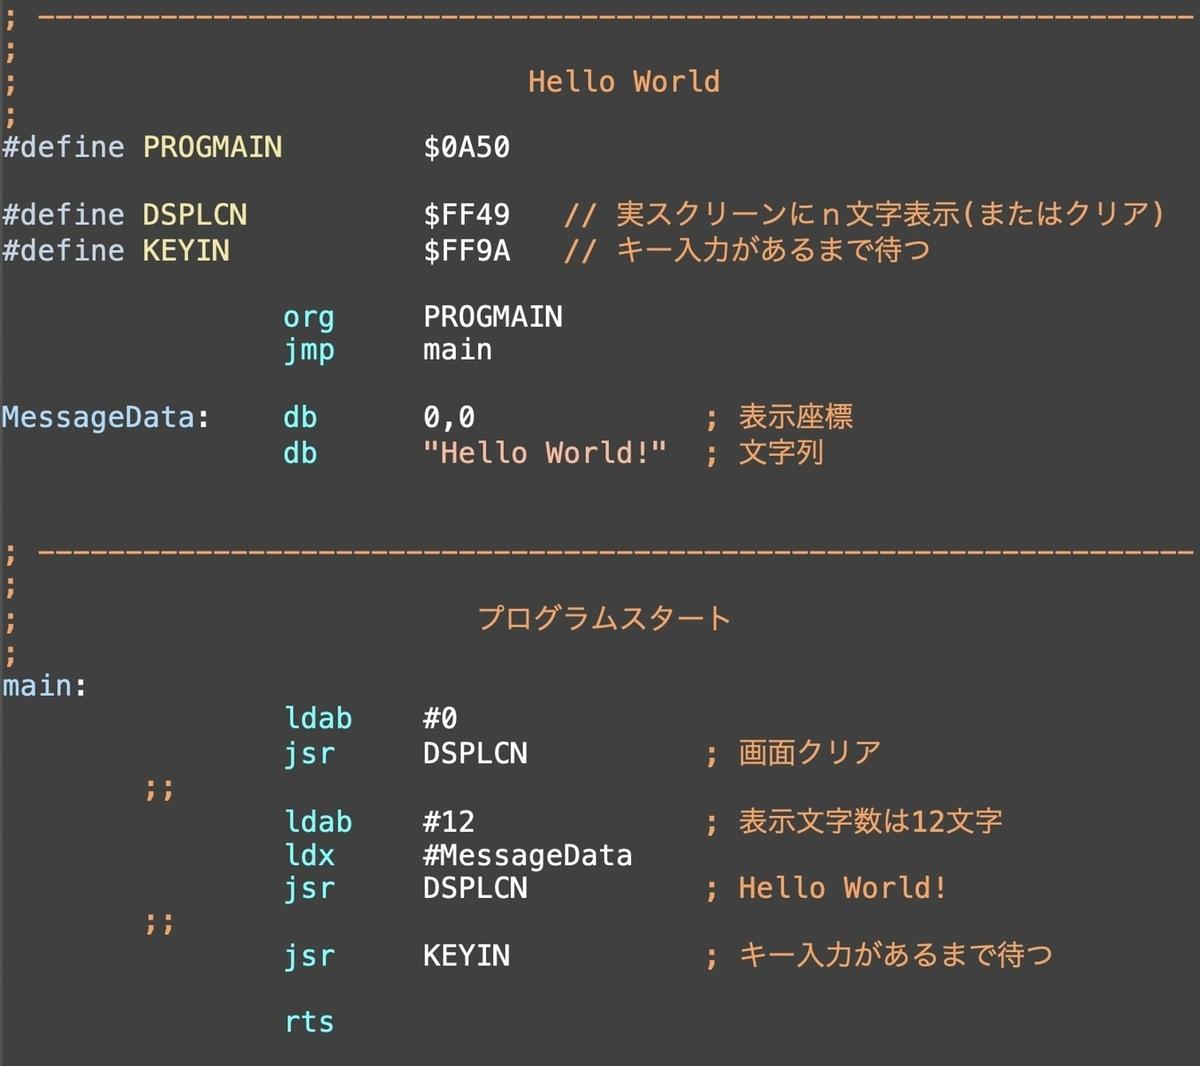 f:id:PocketGriffon:20210809010944j:plain